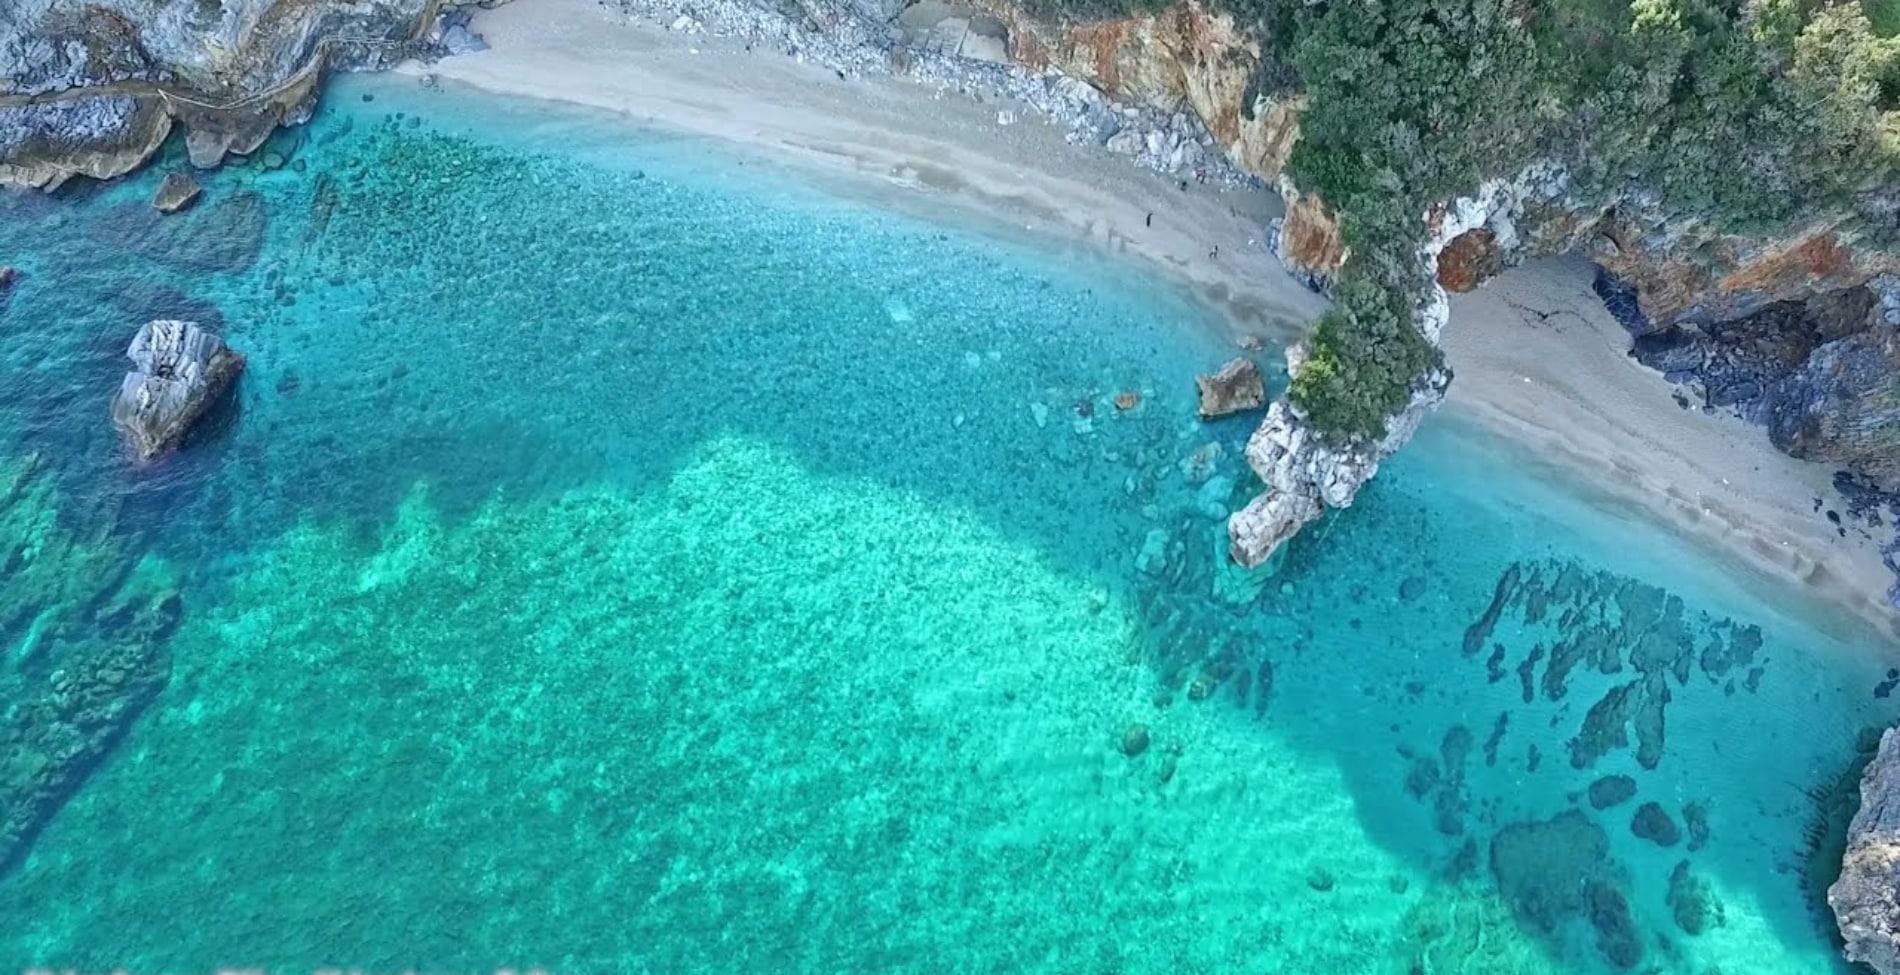 Η παραλία στο Πήλιο που τη χωρίζει στη μέση μια πέτρινη αψίδα